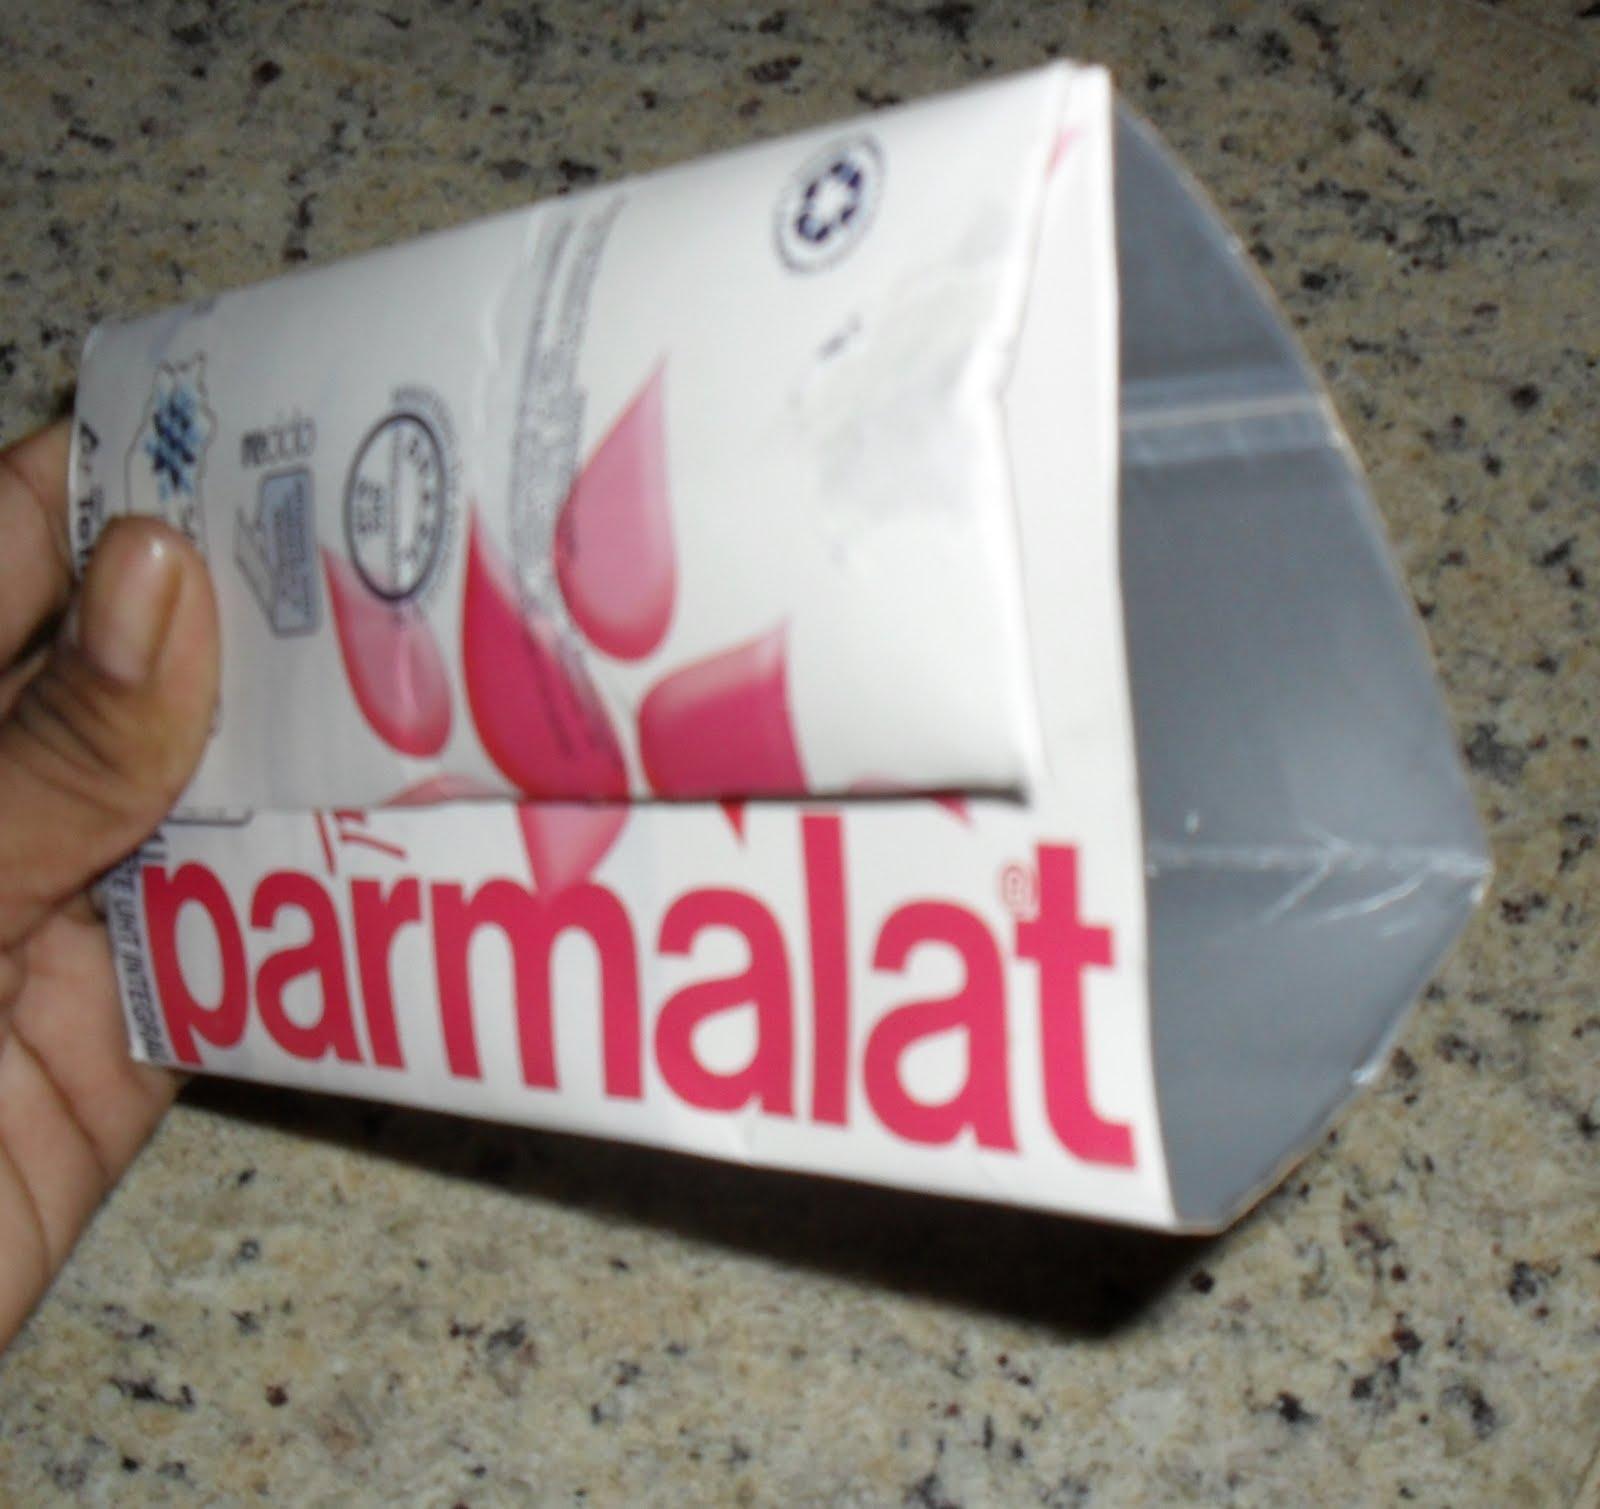 Cristina Artesanato: Passo a passo carteira feita com caixa de leite